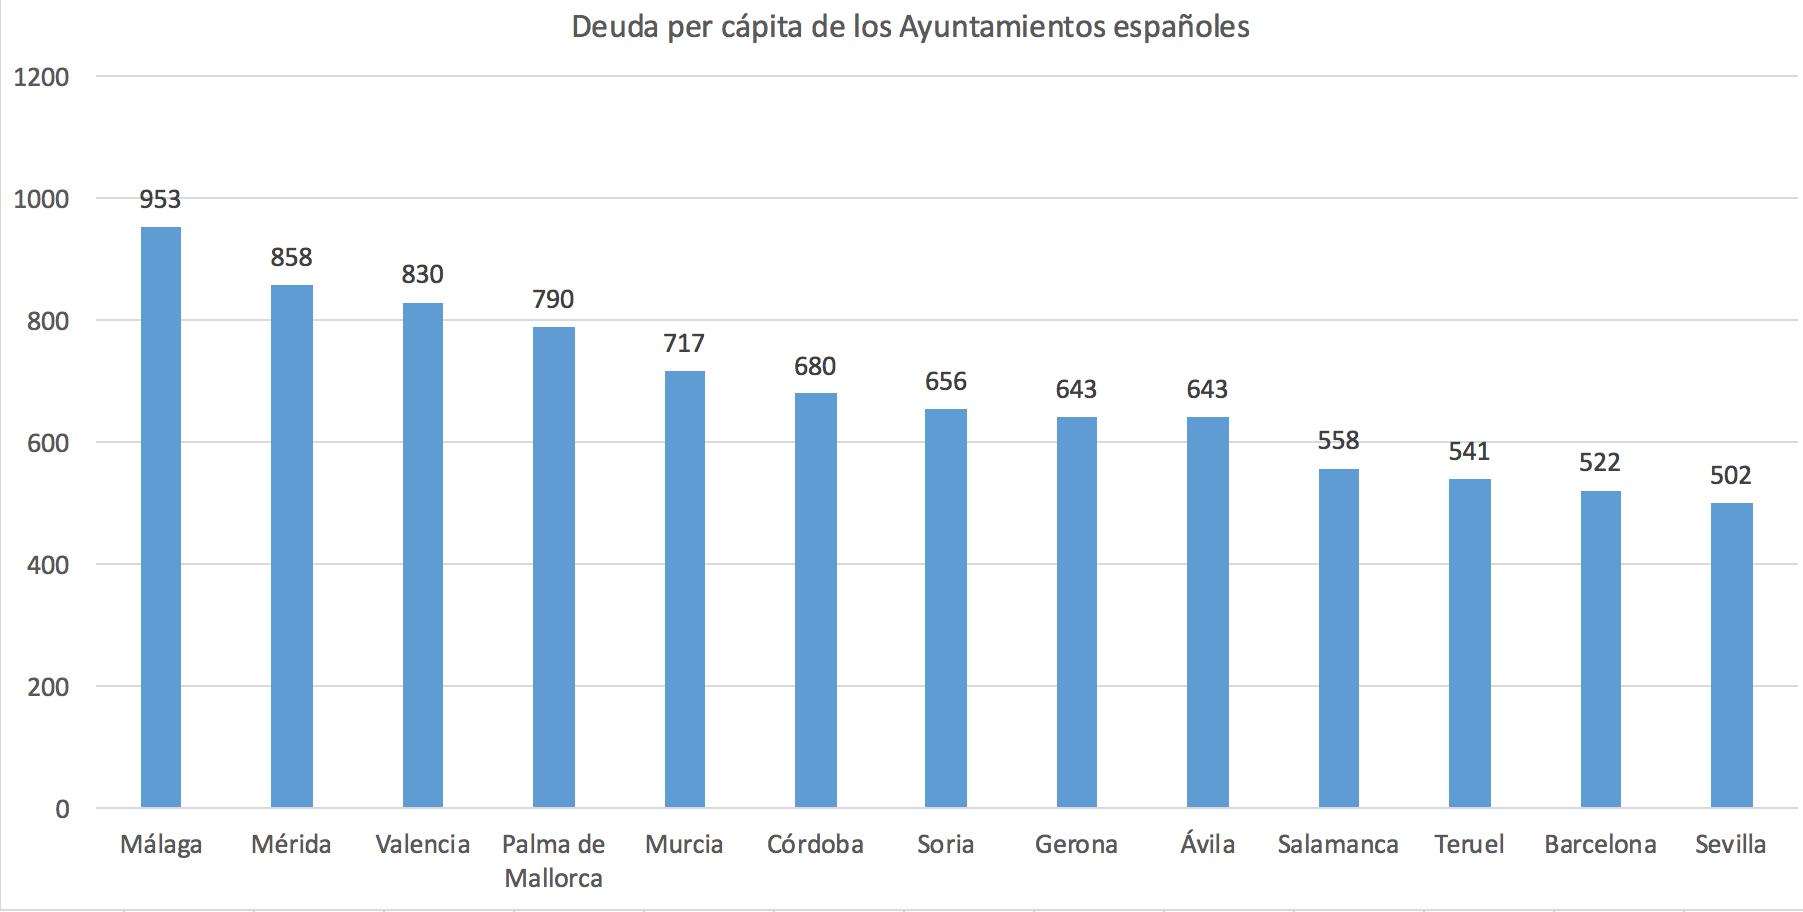 deudalopc2.png